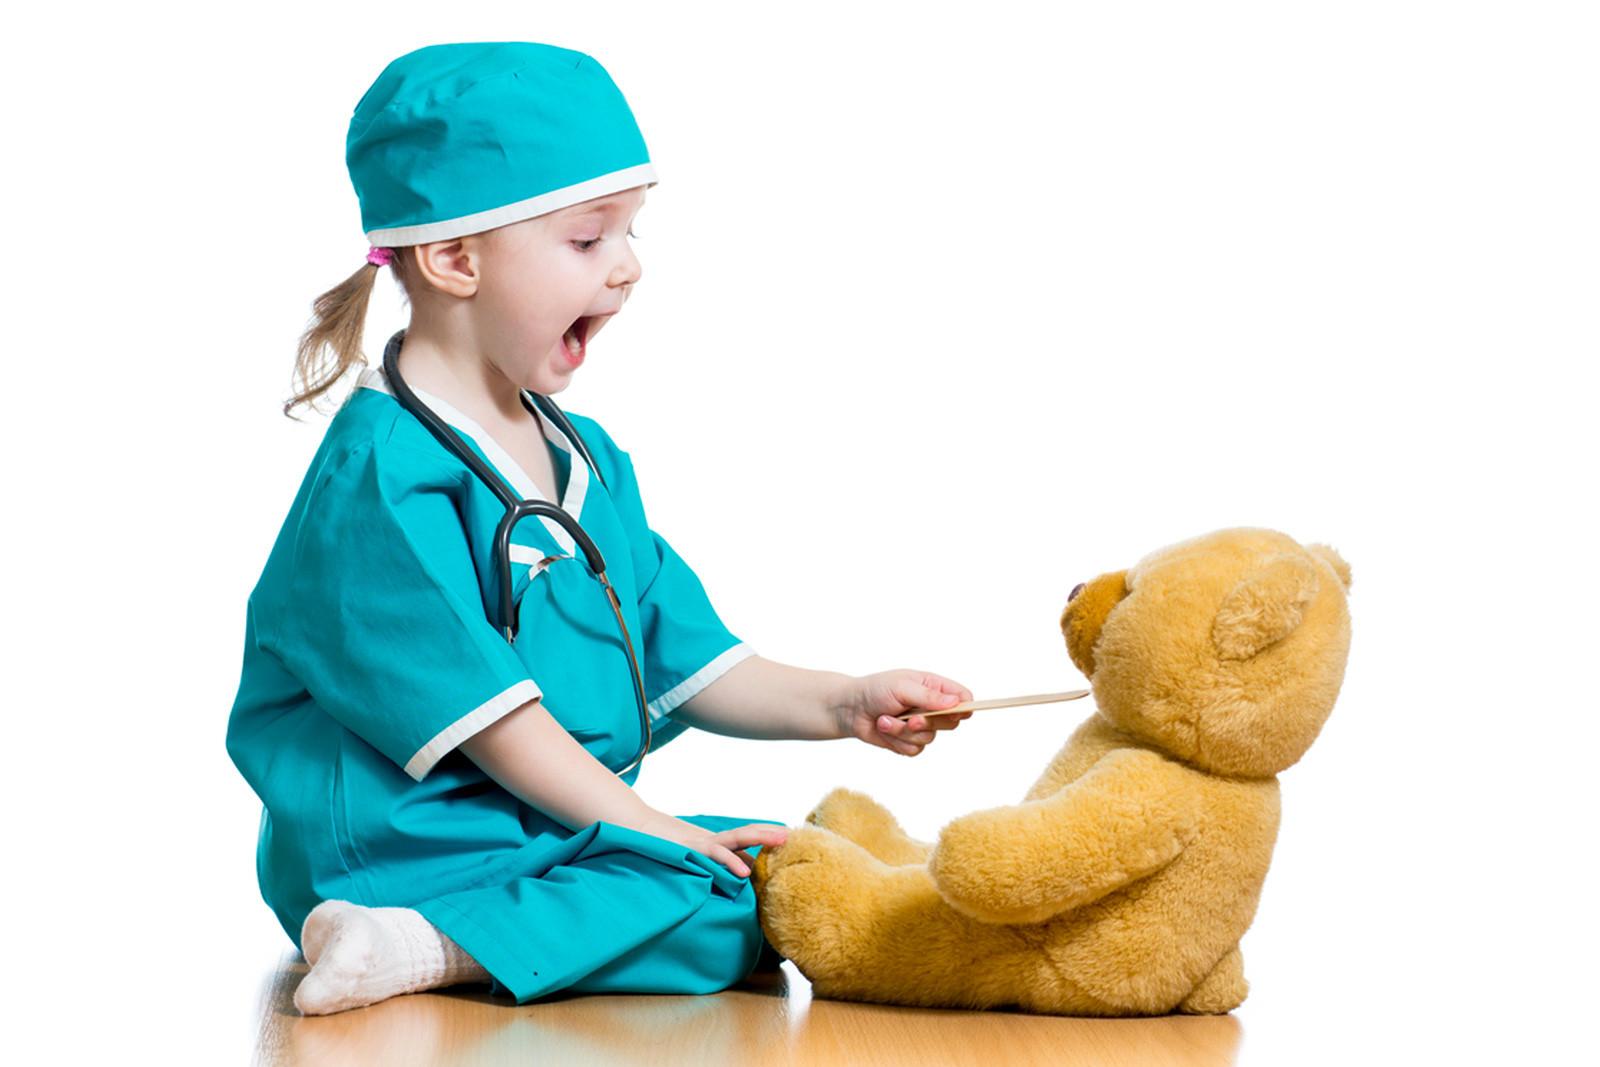 говорит, картинки врачей для презентации педиатрия курсе скидок